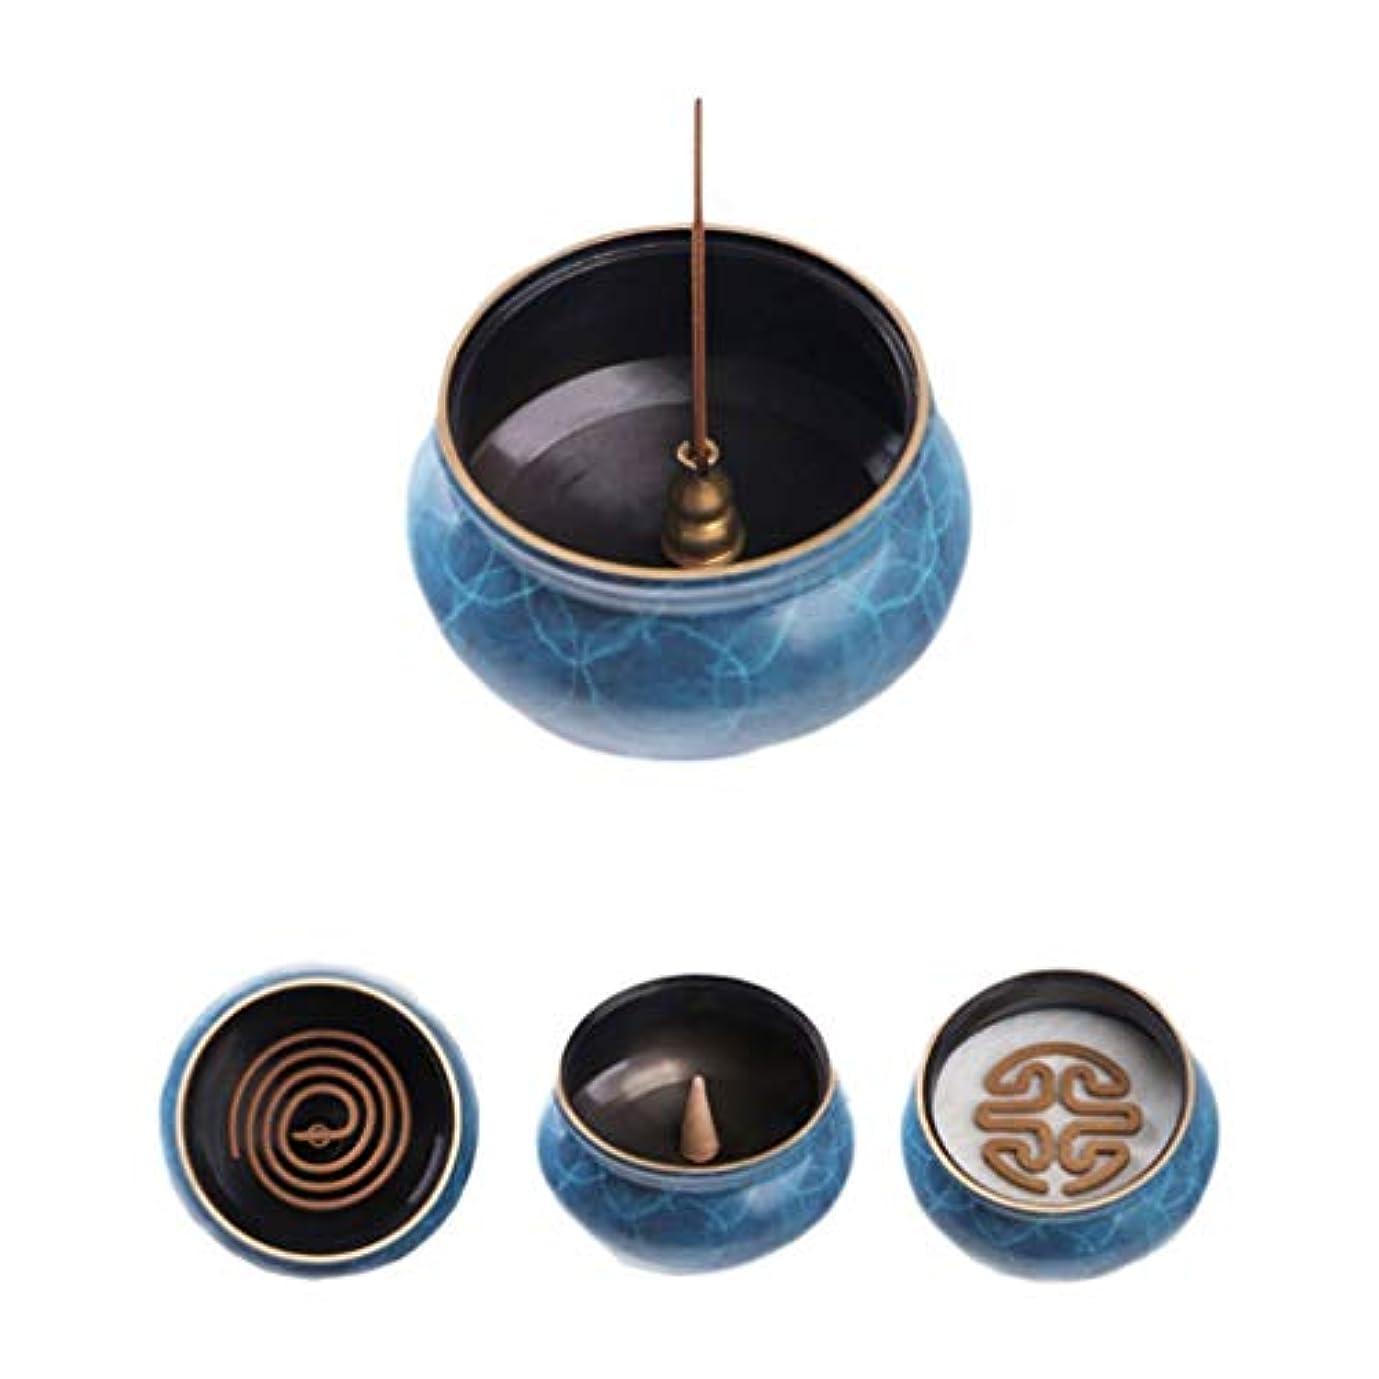 指標すり減る時代遅れホームアロマバーナー 純粋な銅香炉ホームアンティーク白檀用仏寒天香炉香り装飾アロマセラピー炉 アロマバーナー (Color : Blue copper)